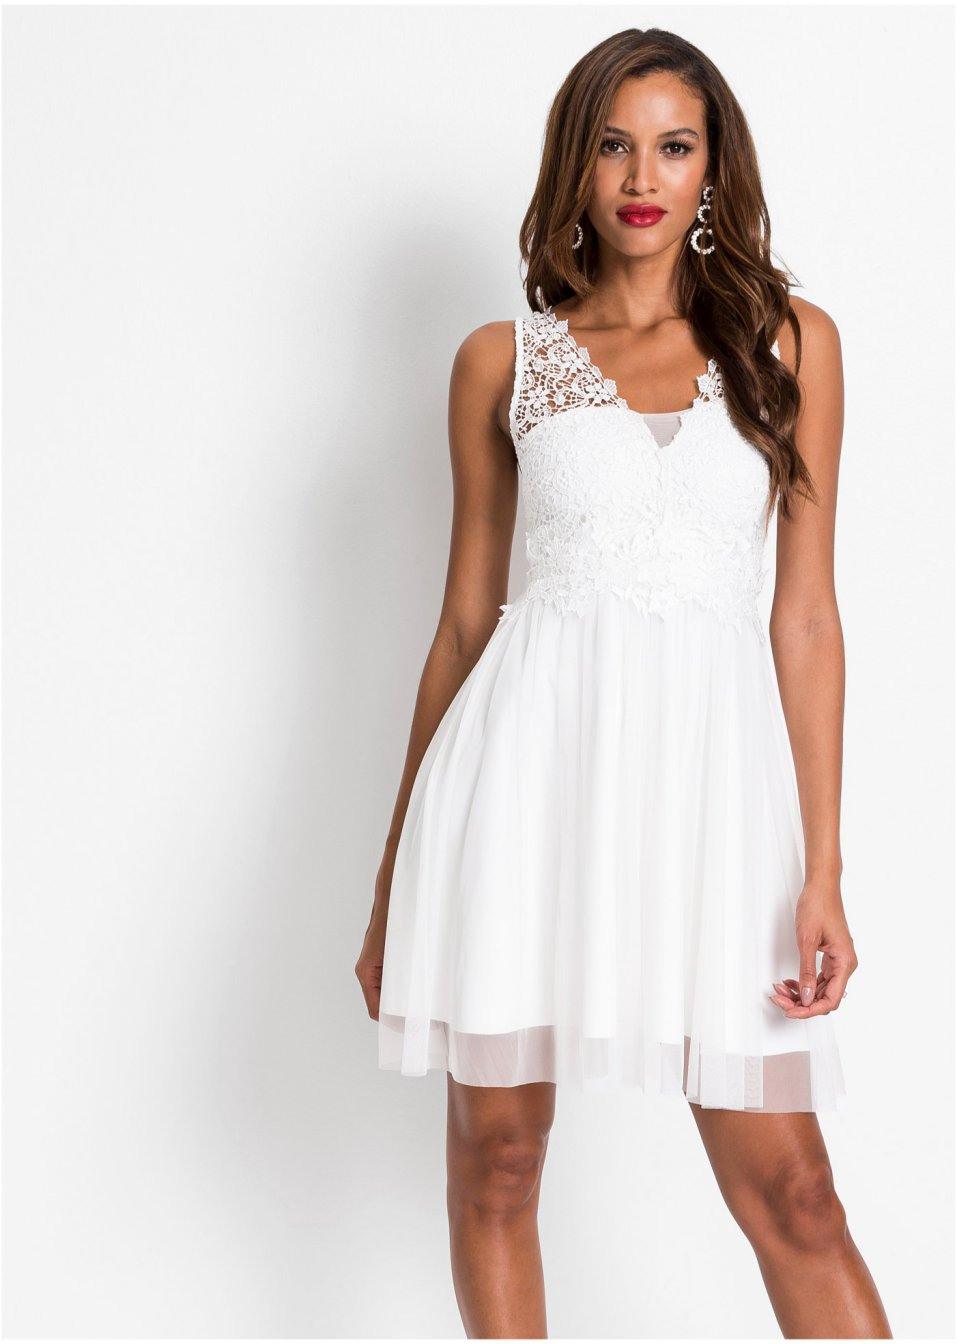 Kleid Mit Spitze Weiß  Bodyflirt Boutique  Bonprixde